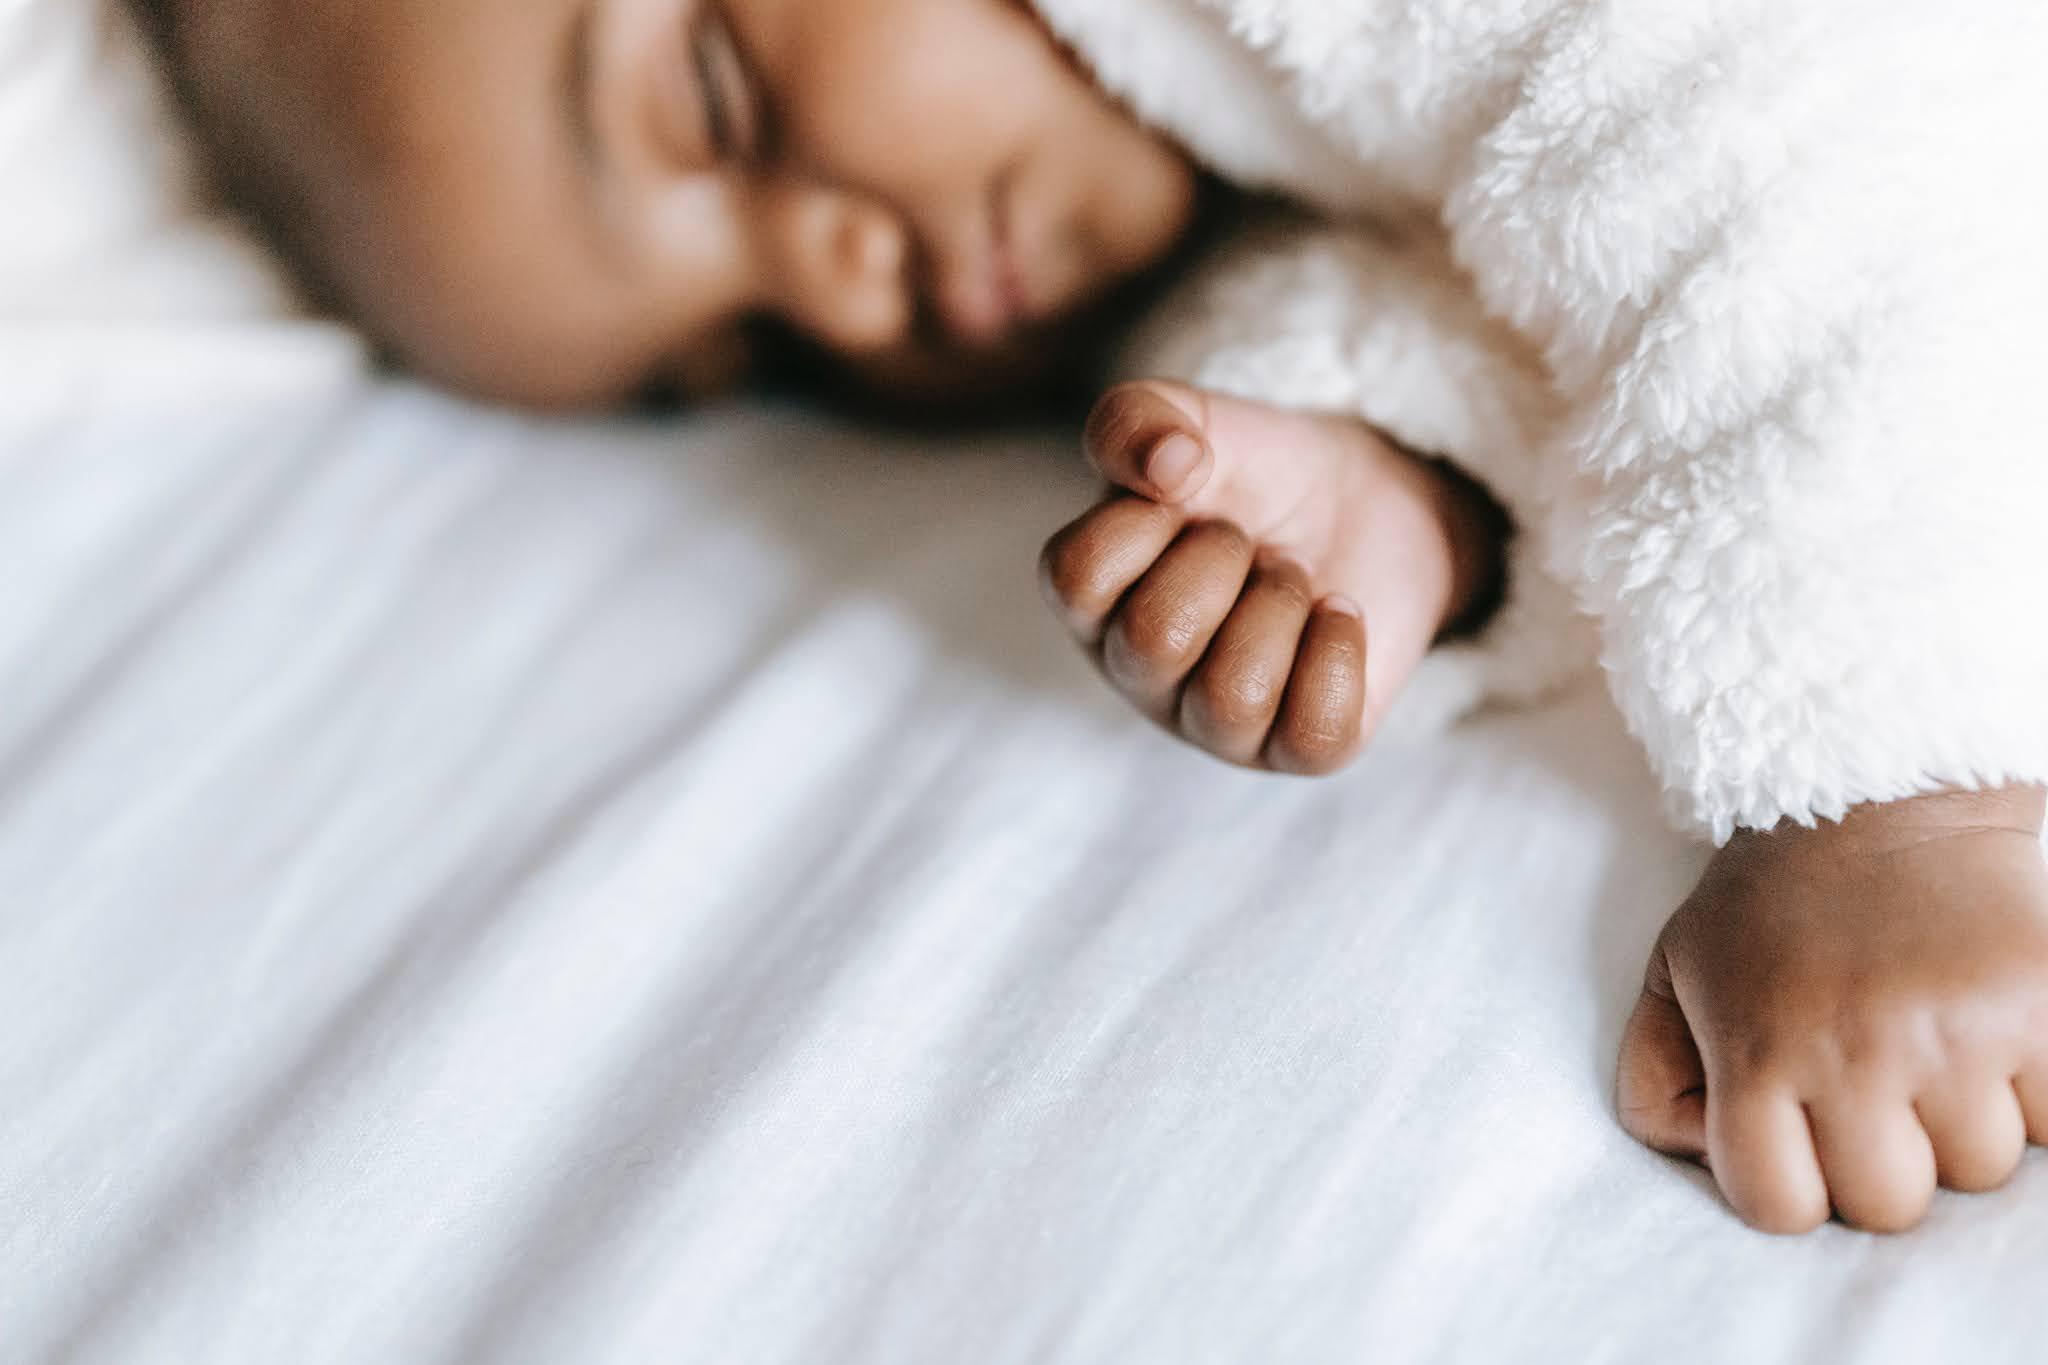 Manter o bebê aquecido